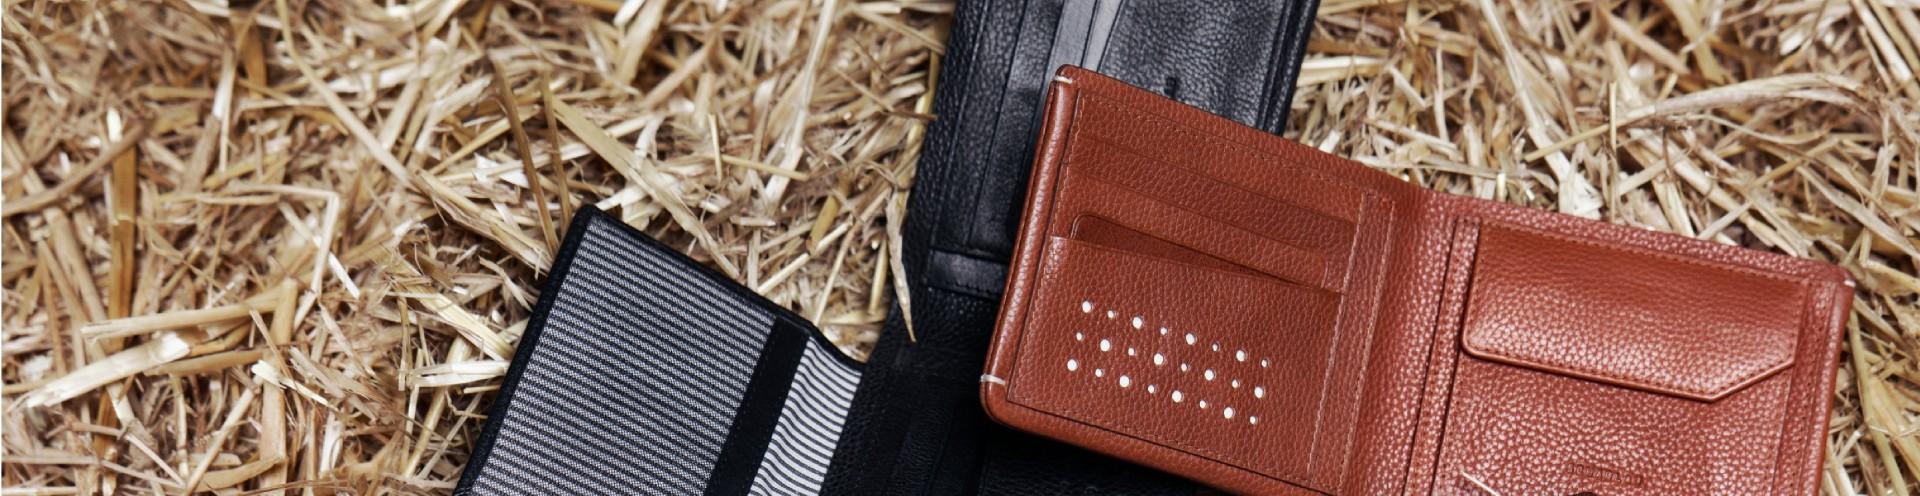 Portafogli e Portacarte elegante Protezione RFID